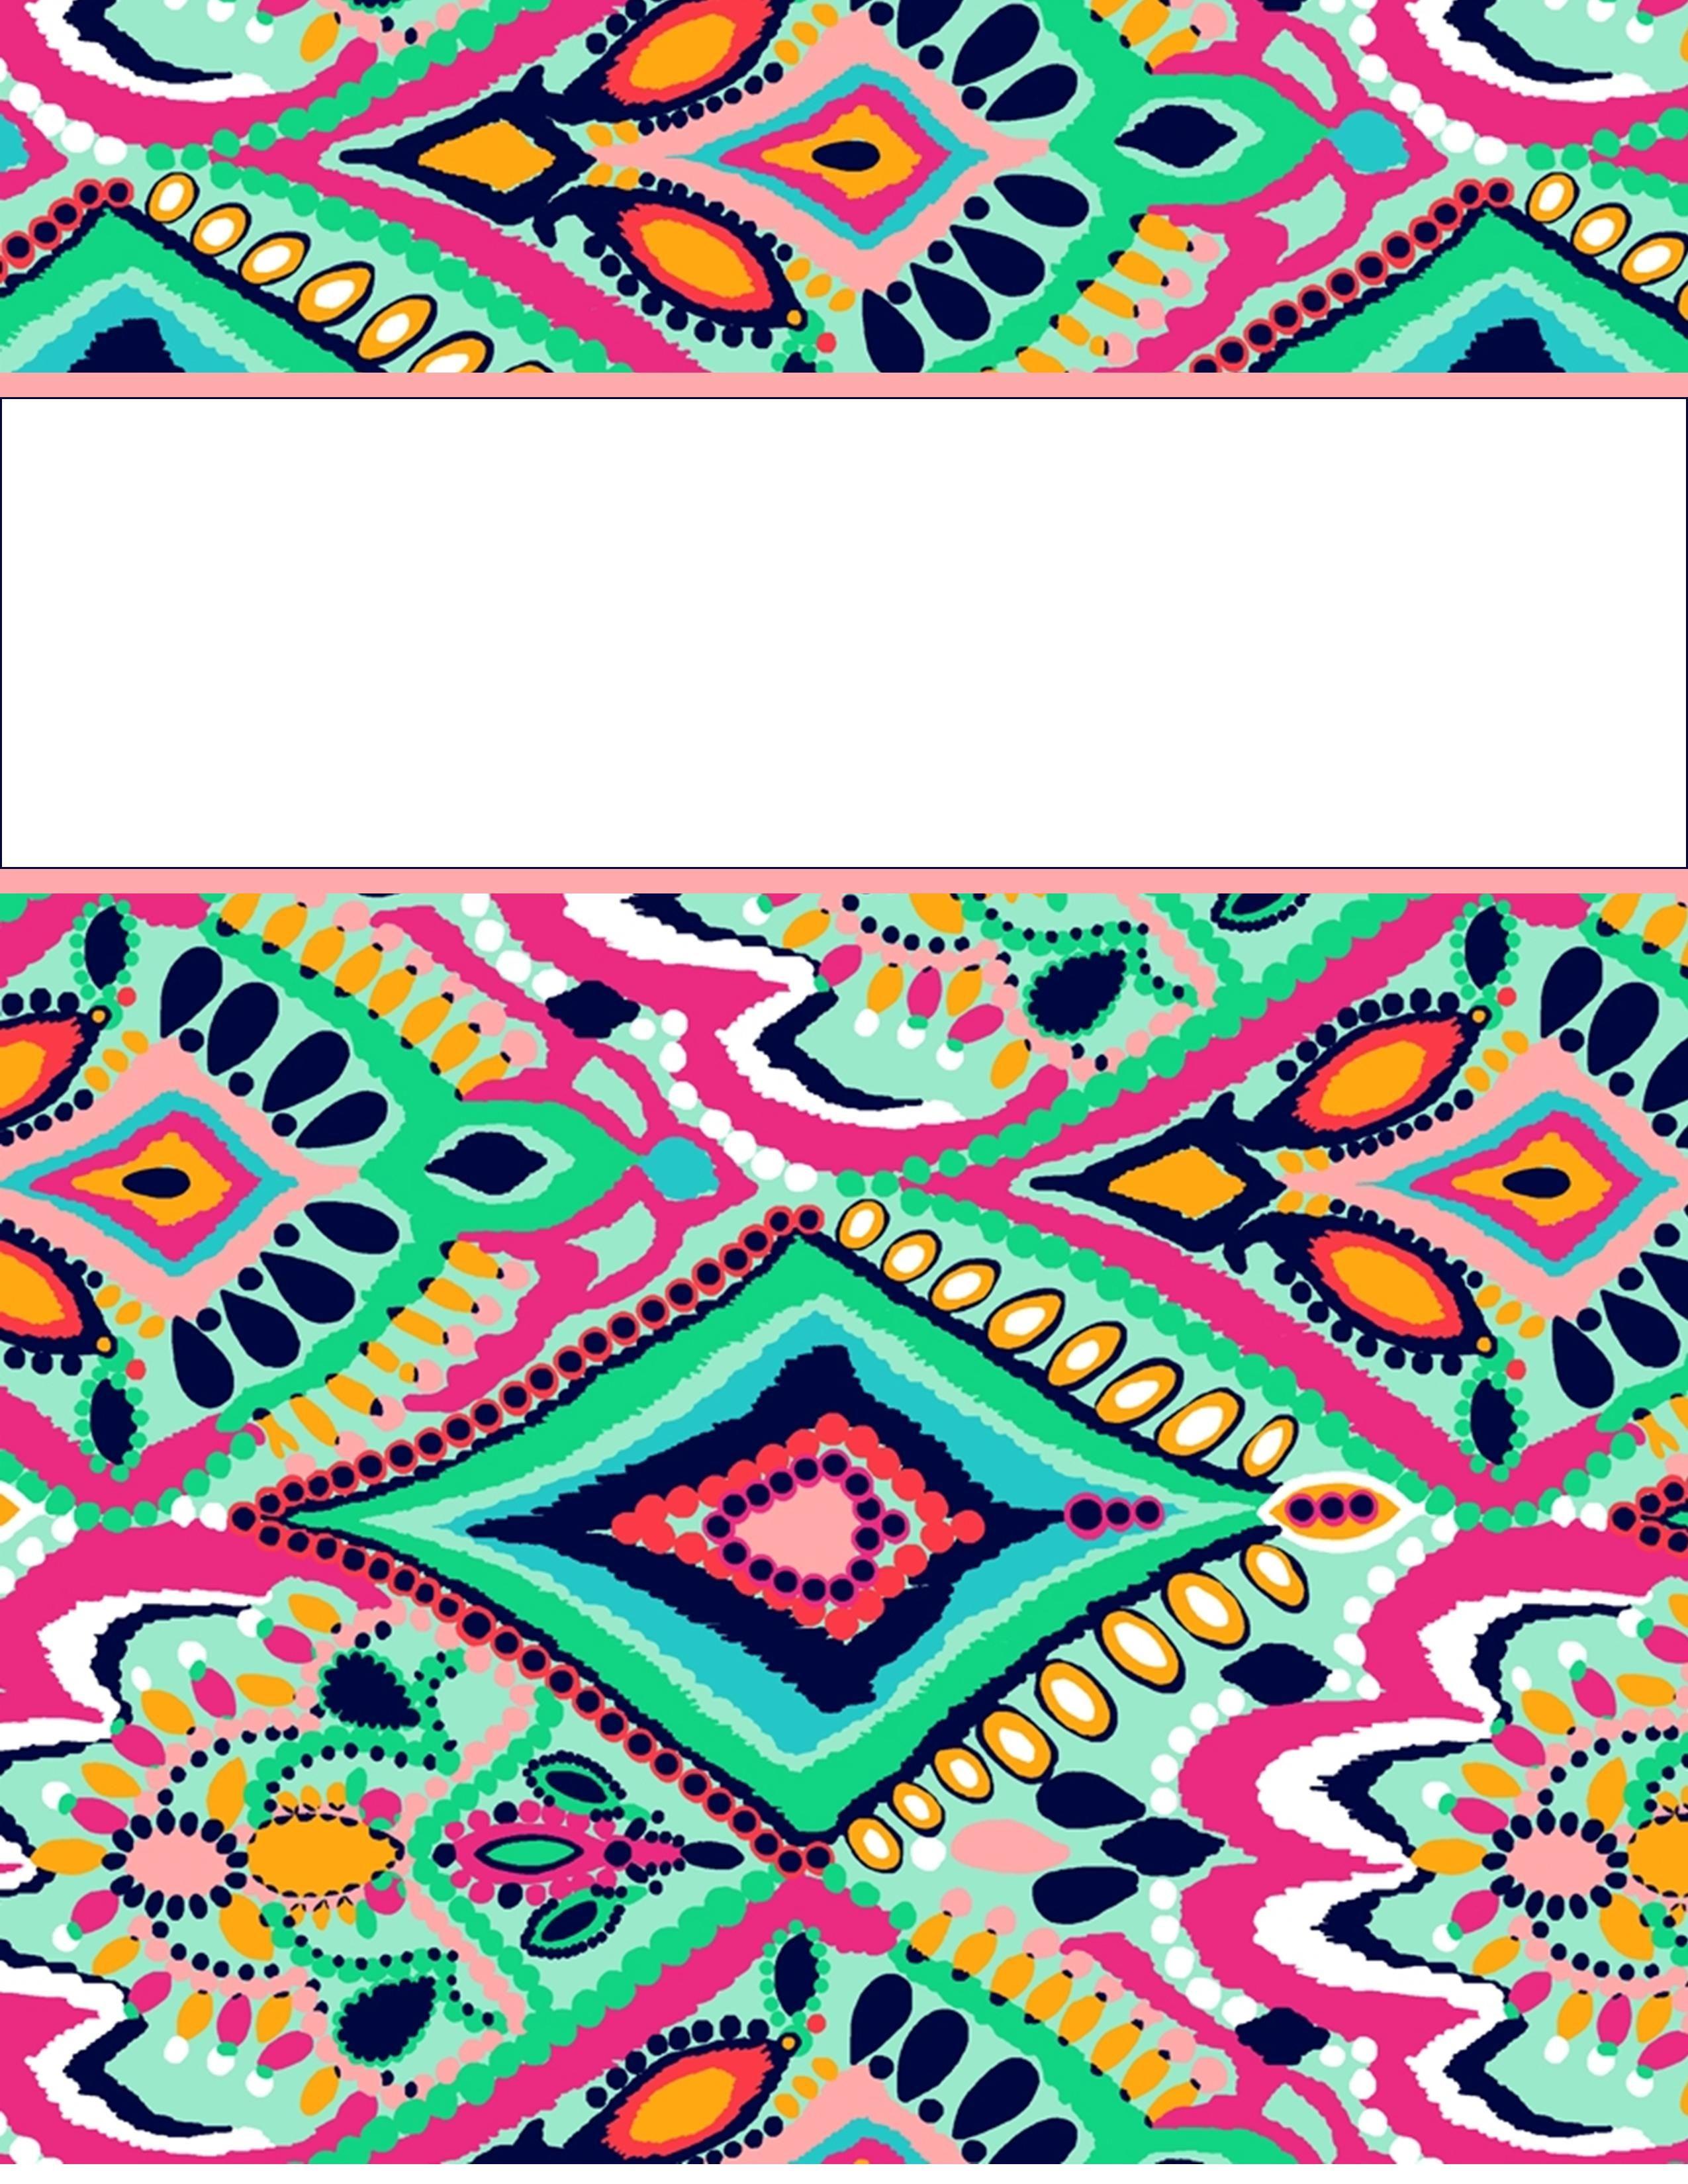 My Cute Binder Covers | Nursing School | Pinterest | Cute Binder - Free Printable Binder Cover Templates